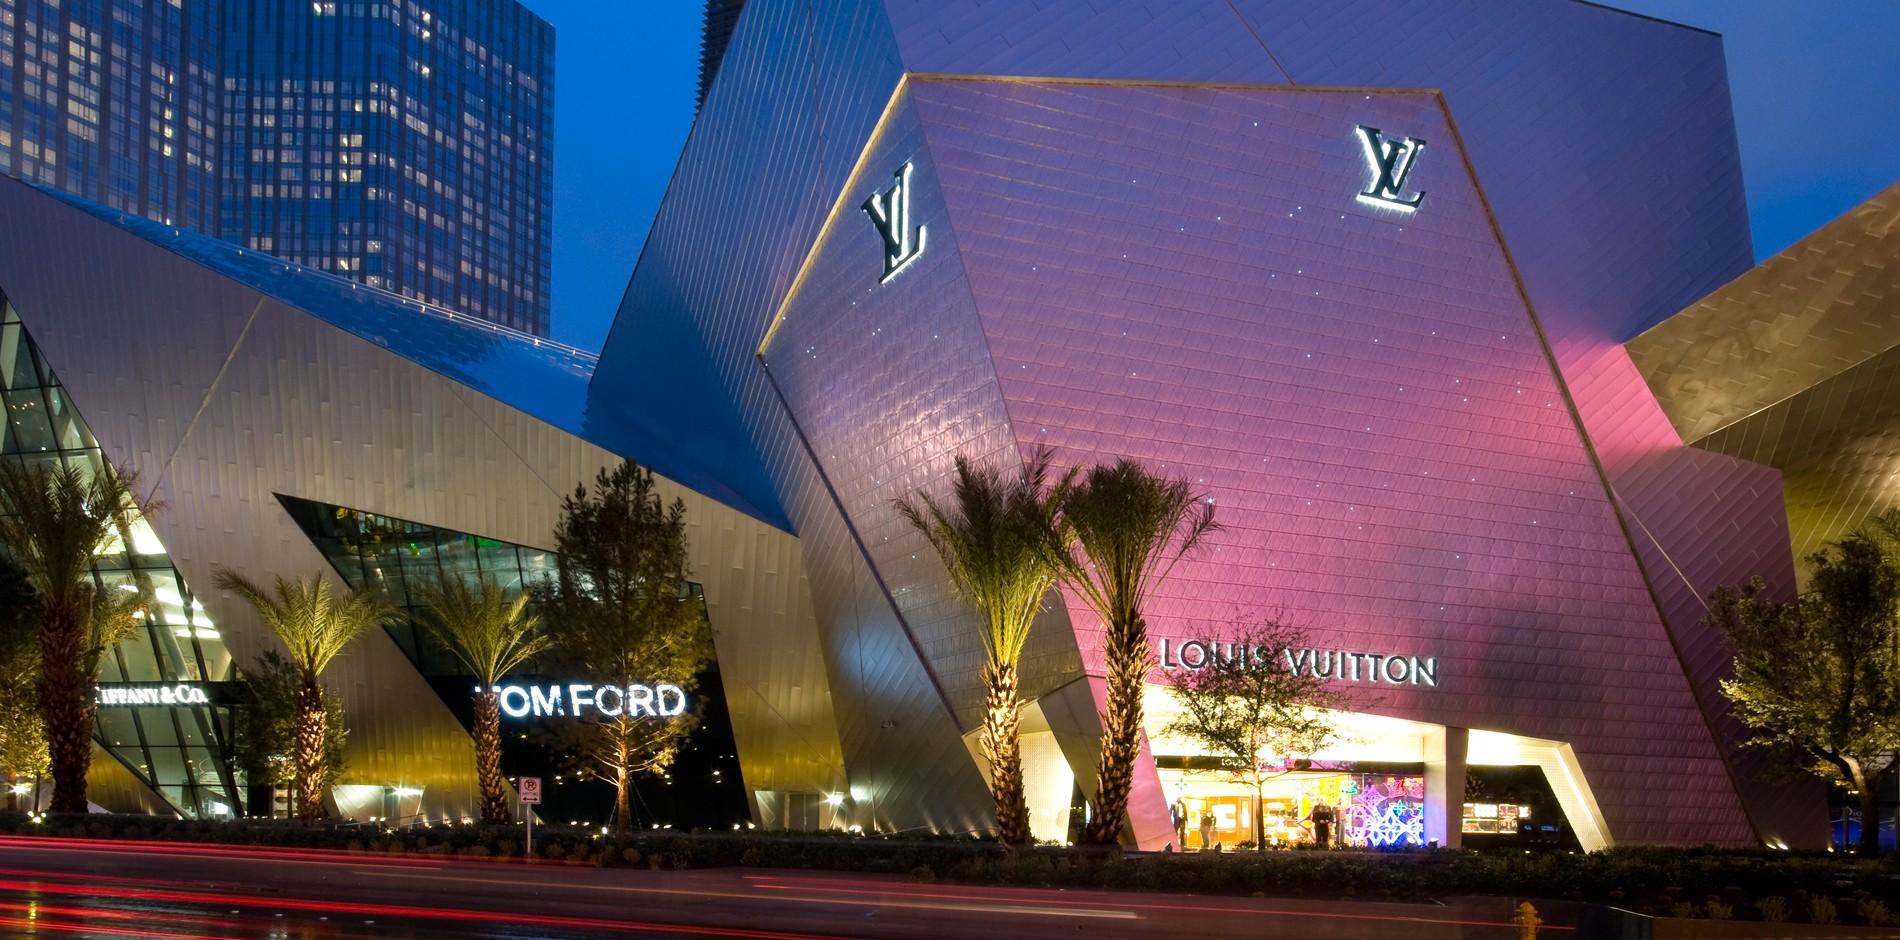 louis vuitton las vegas luxury retail store construction management